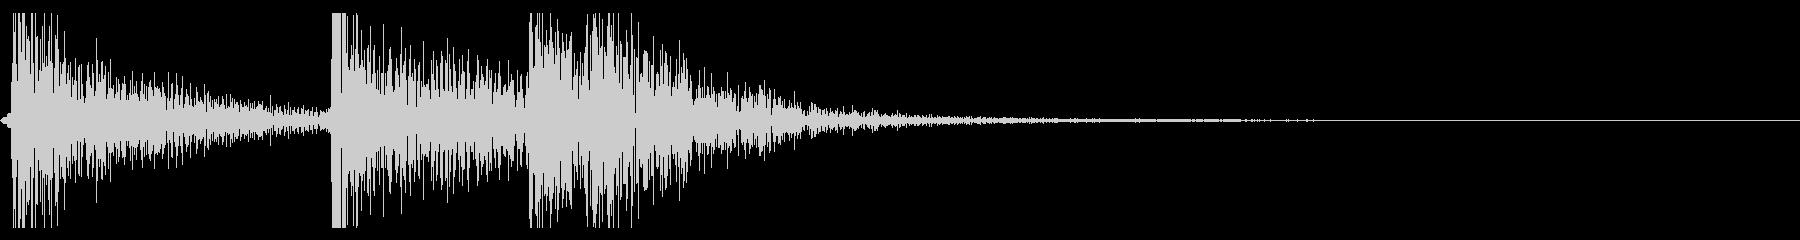 【生録音】ドームカバーを閉める音の未再生の波形